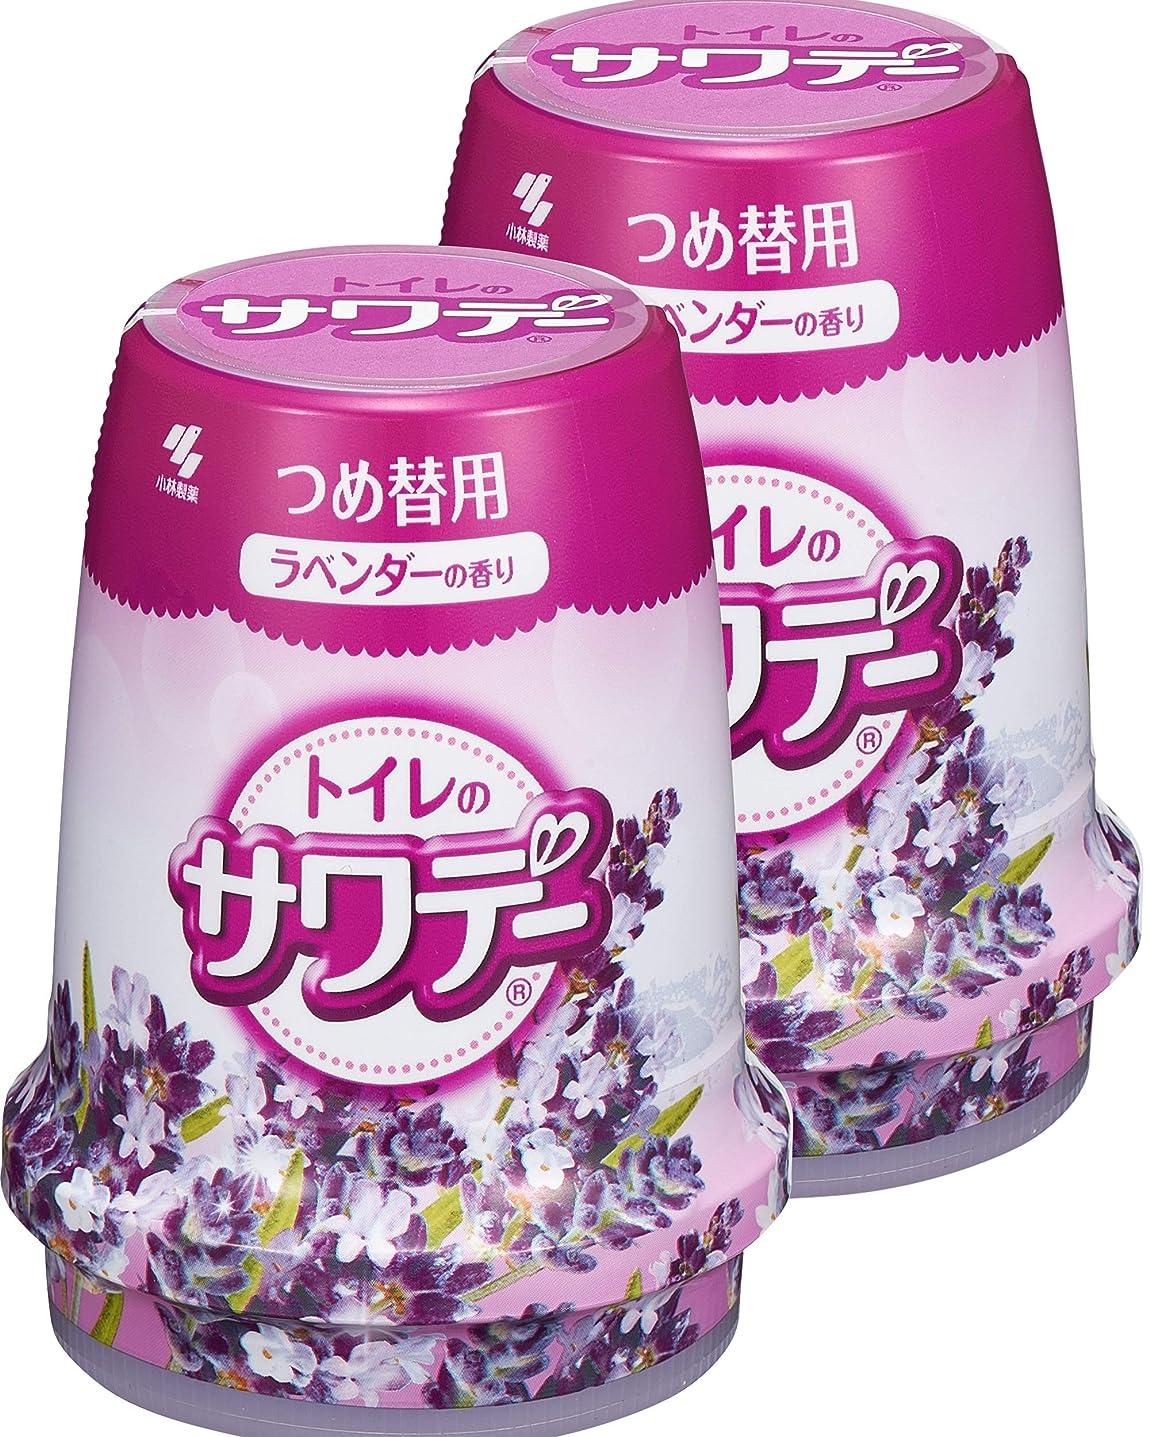 【まとめ買い】サワデー 消臭芳香剤 トイレ用 詰め替え用 こころ落ち着くラベンダーの香り 140g×2個